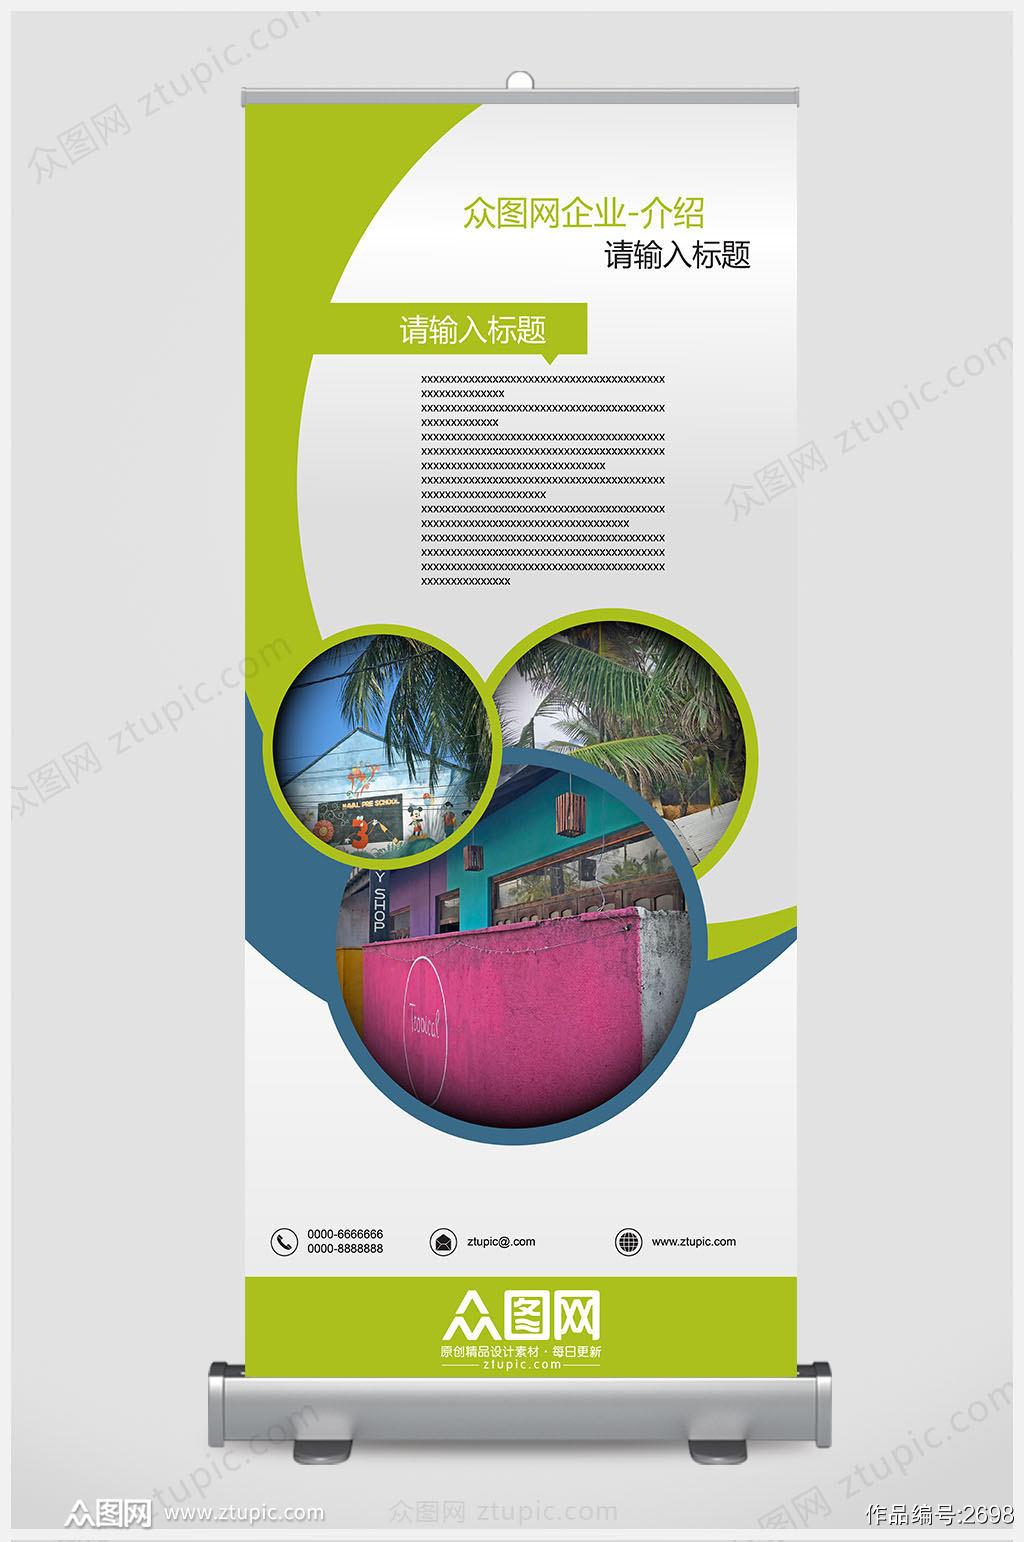 绿色高端企业公司简介易拉宝展架设计素材